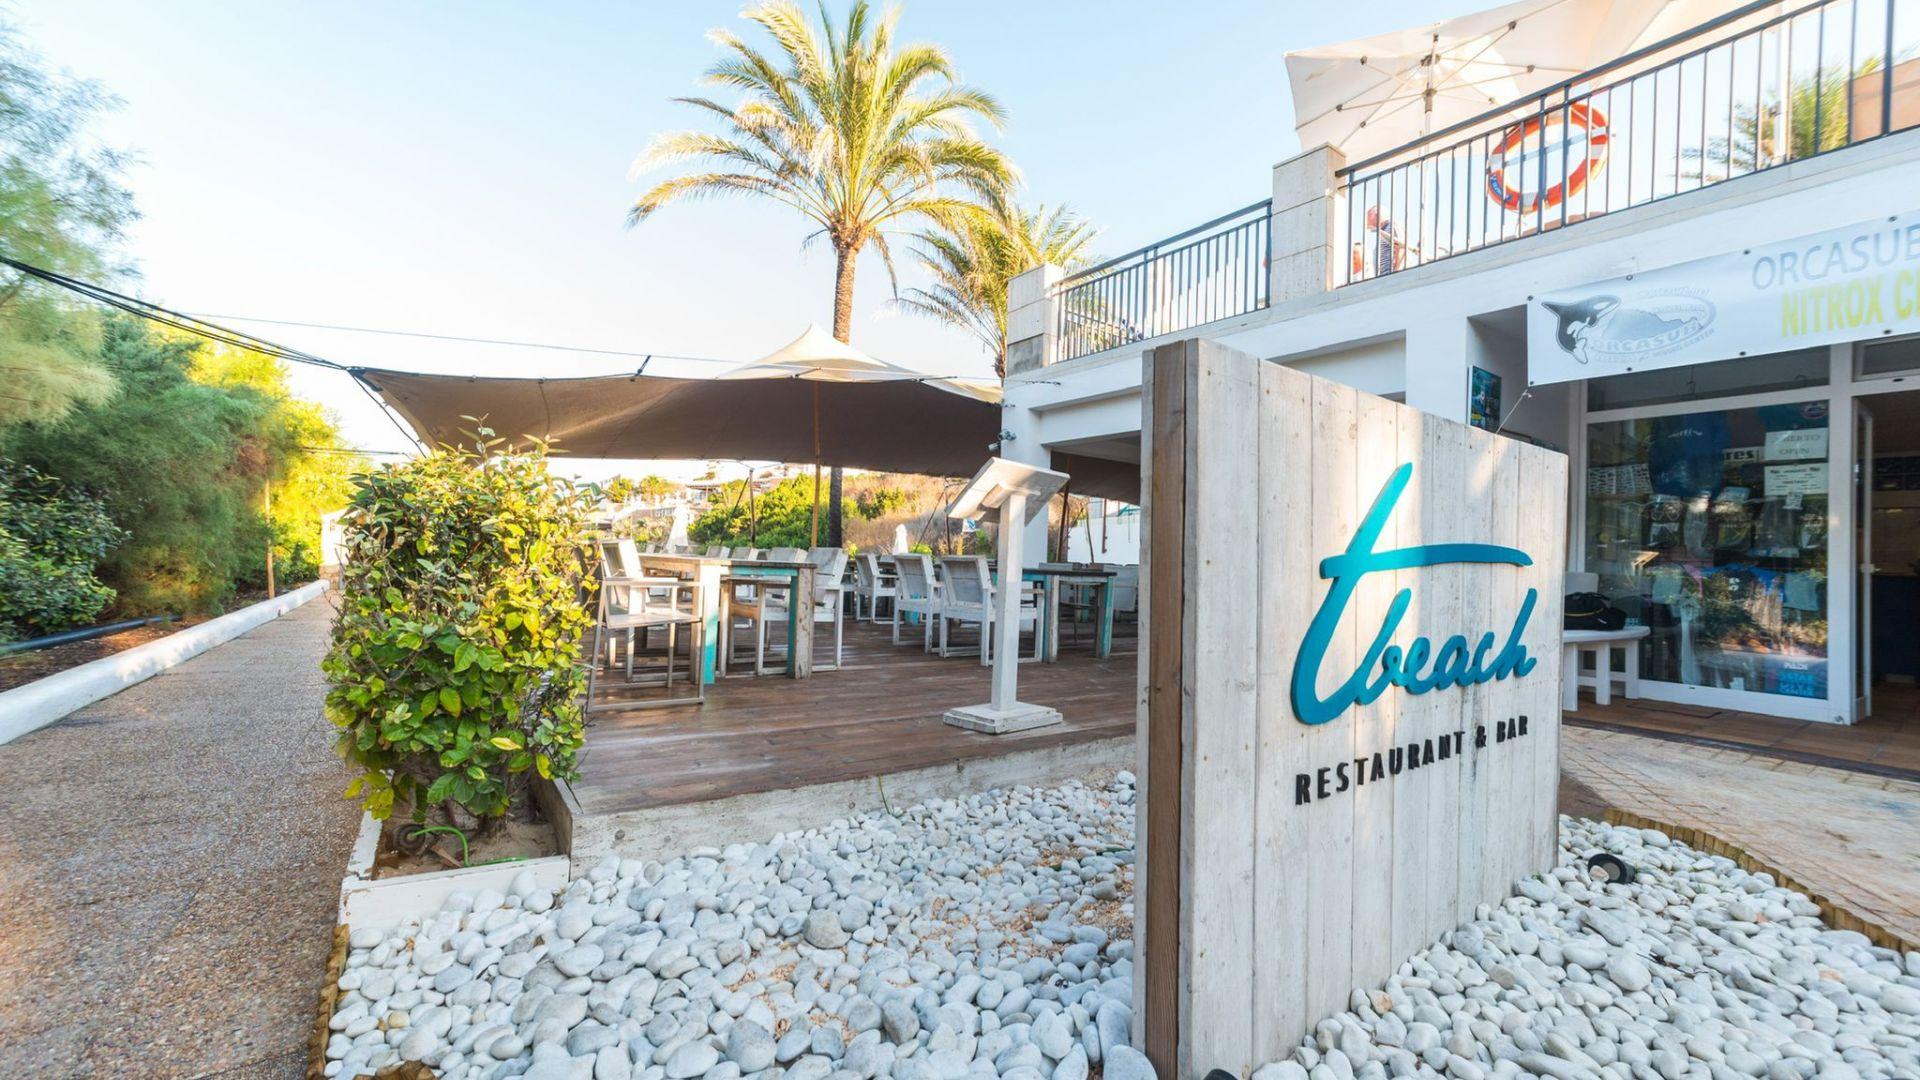 Insotel Tarida Beach Club